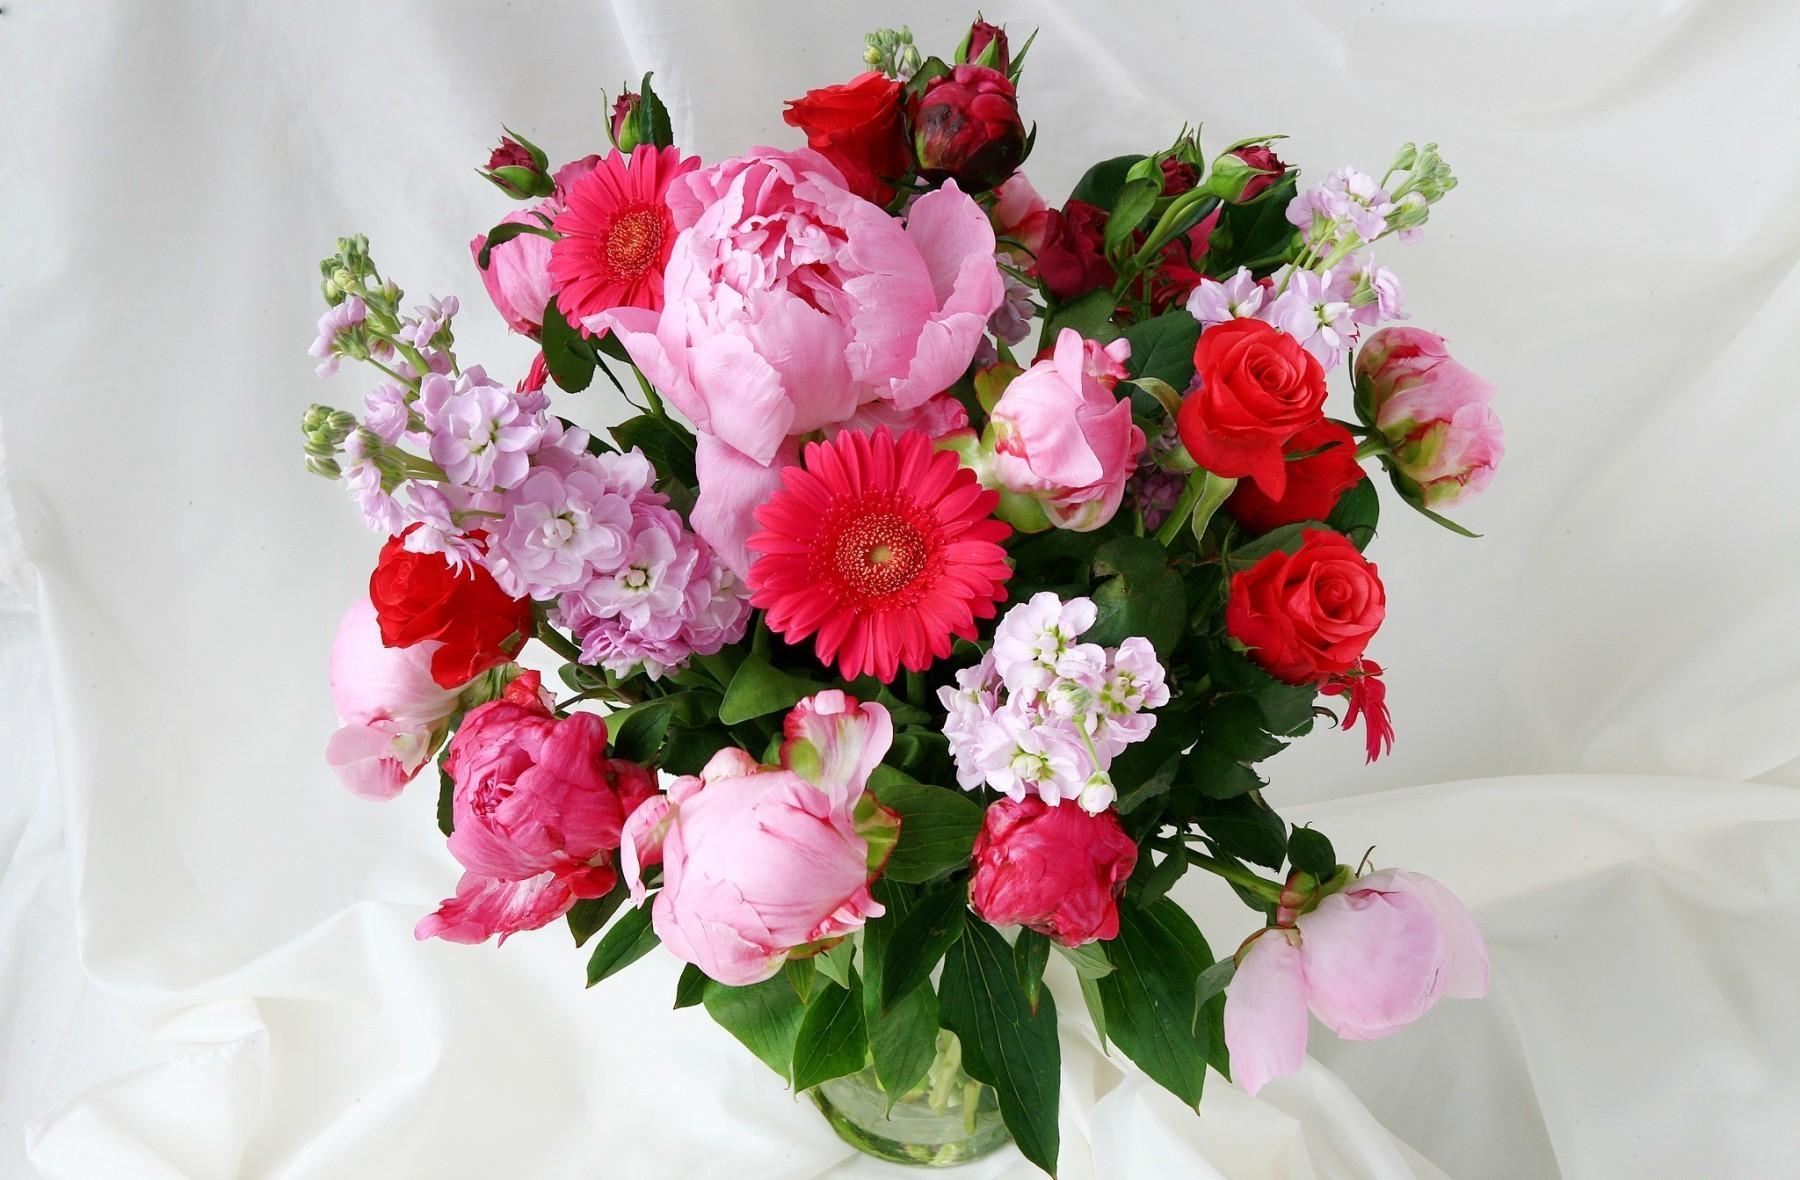 52002 скачать обои Пионы, Цветы, Розы, Герберы, Зелень, Букет, Ваза, Левкой, Маттиола - заставки и картинки бесплатно